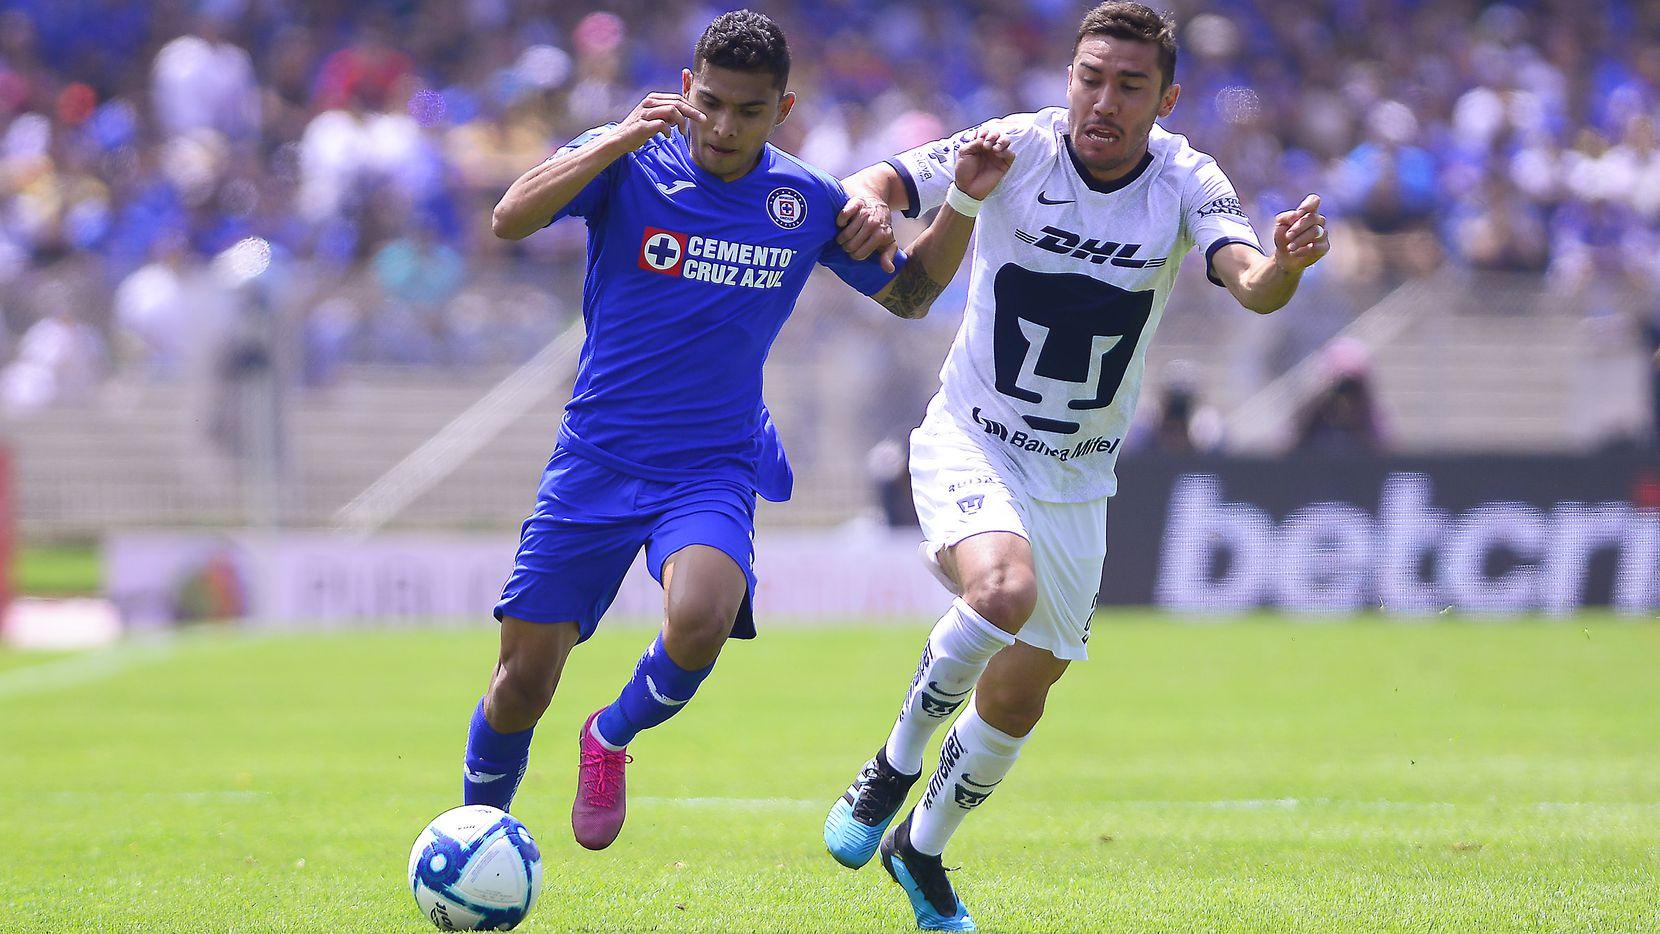 El partido Pumas contra Cruz Azul será uno de los que abran la actividad de la Copa por México de la Liga MX.